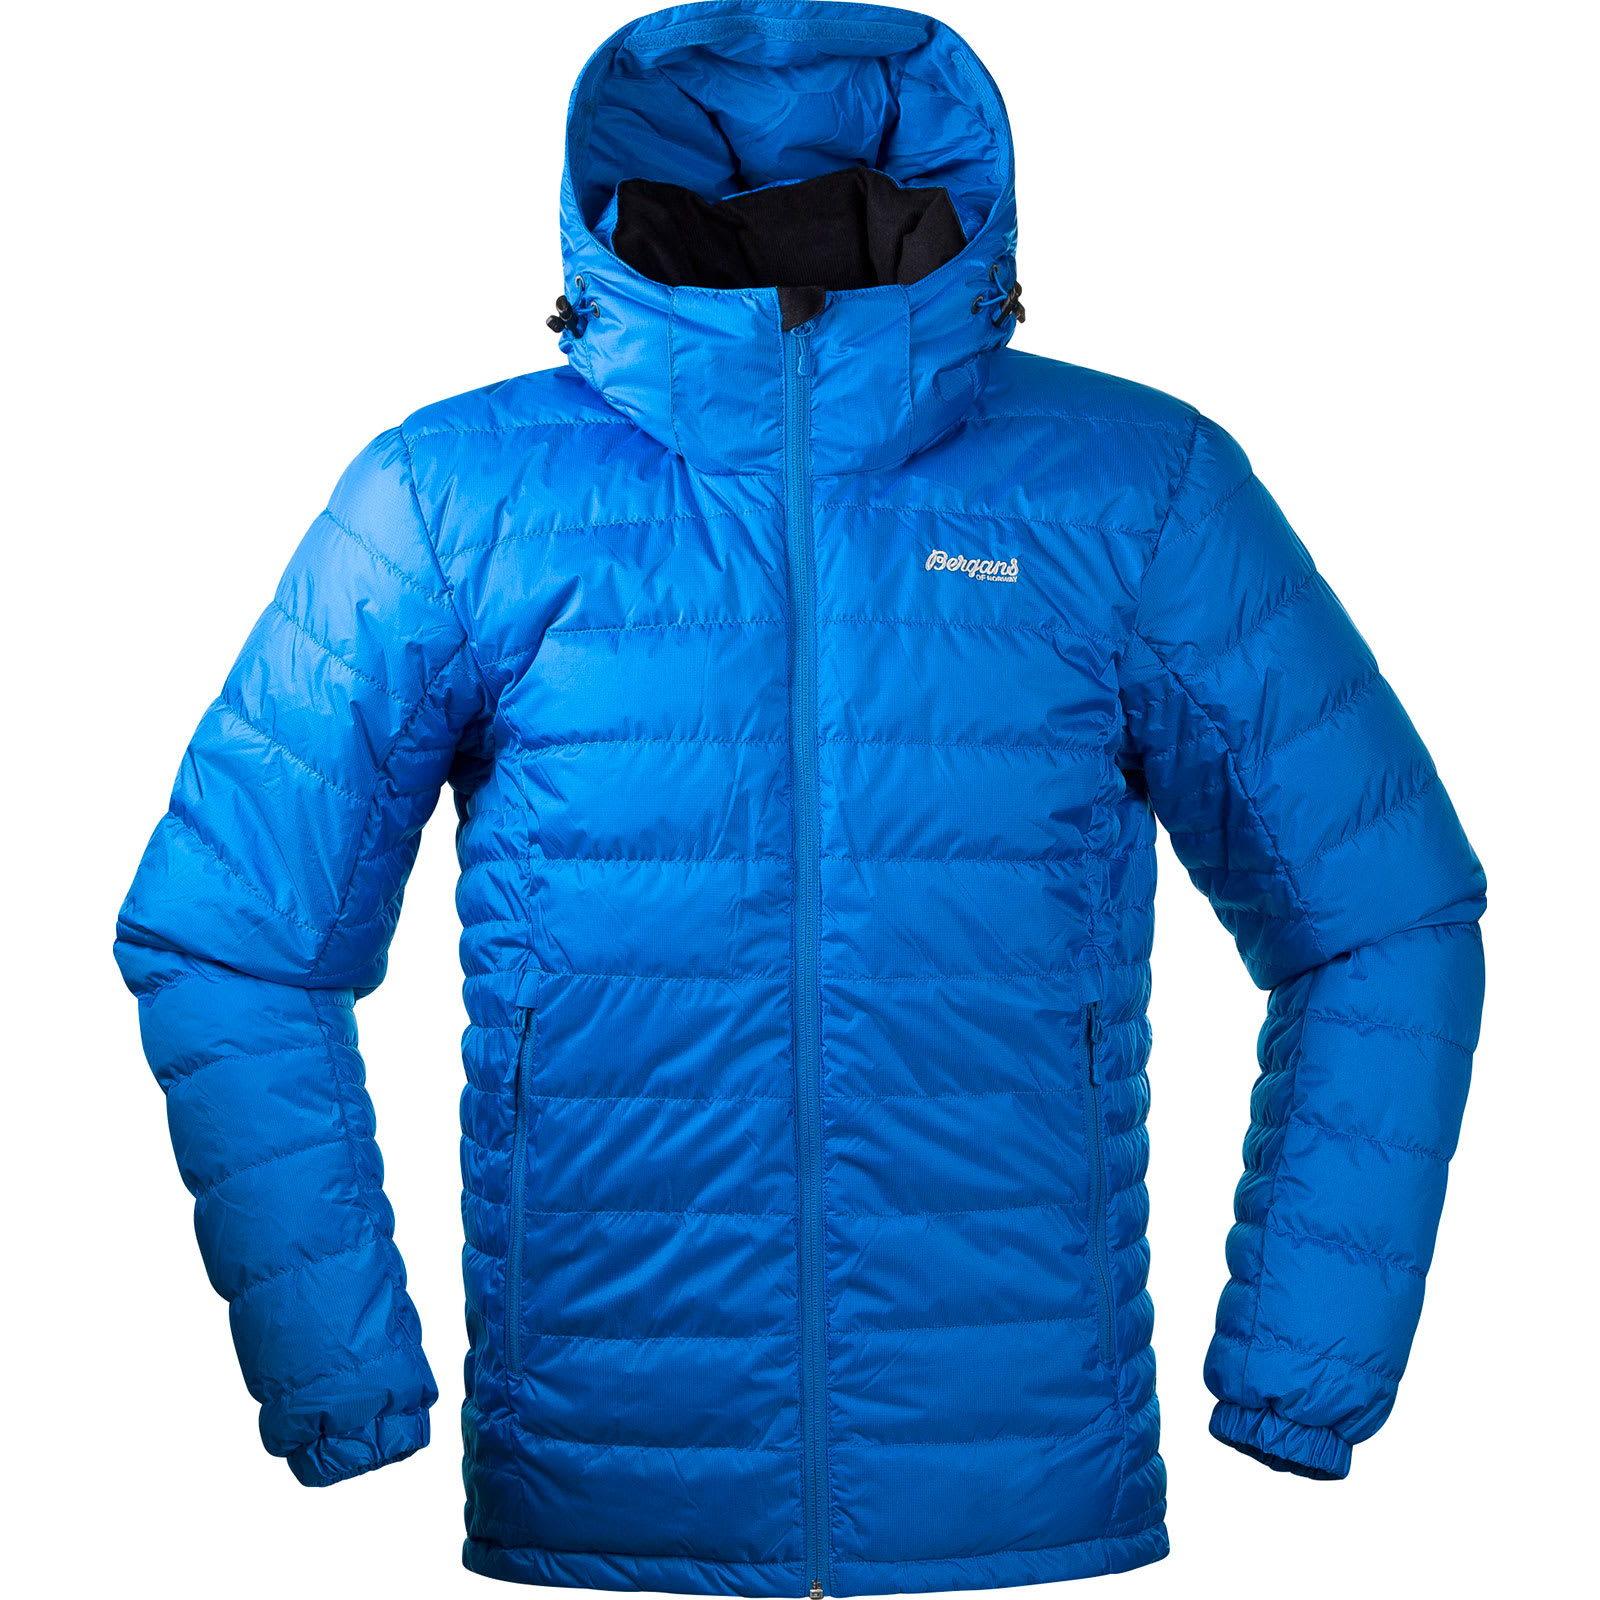 89d16779 Kjøp Bergans Rjukan Down Jacket fra Outnorth